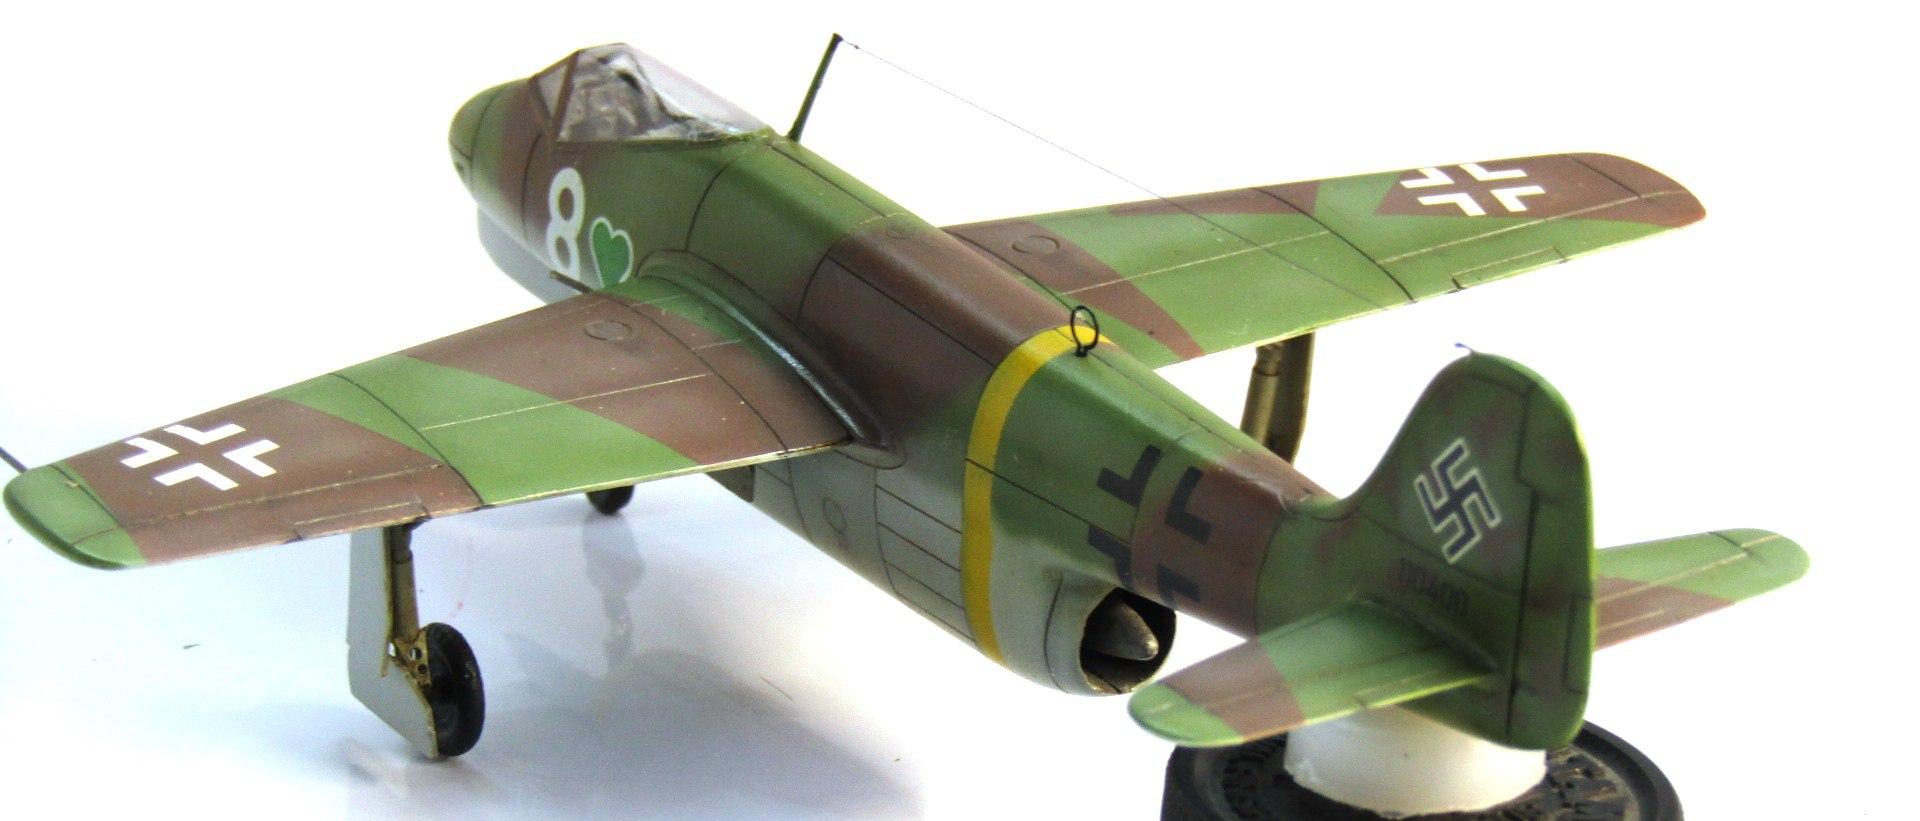 Fw-P-II 1/72 (Special Hobby) 3gFzxNtsOVU